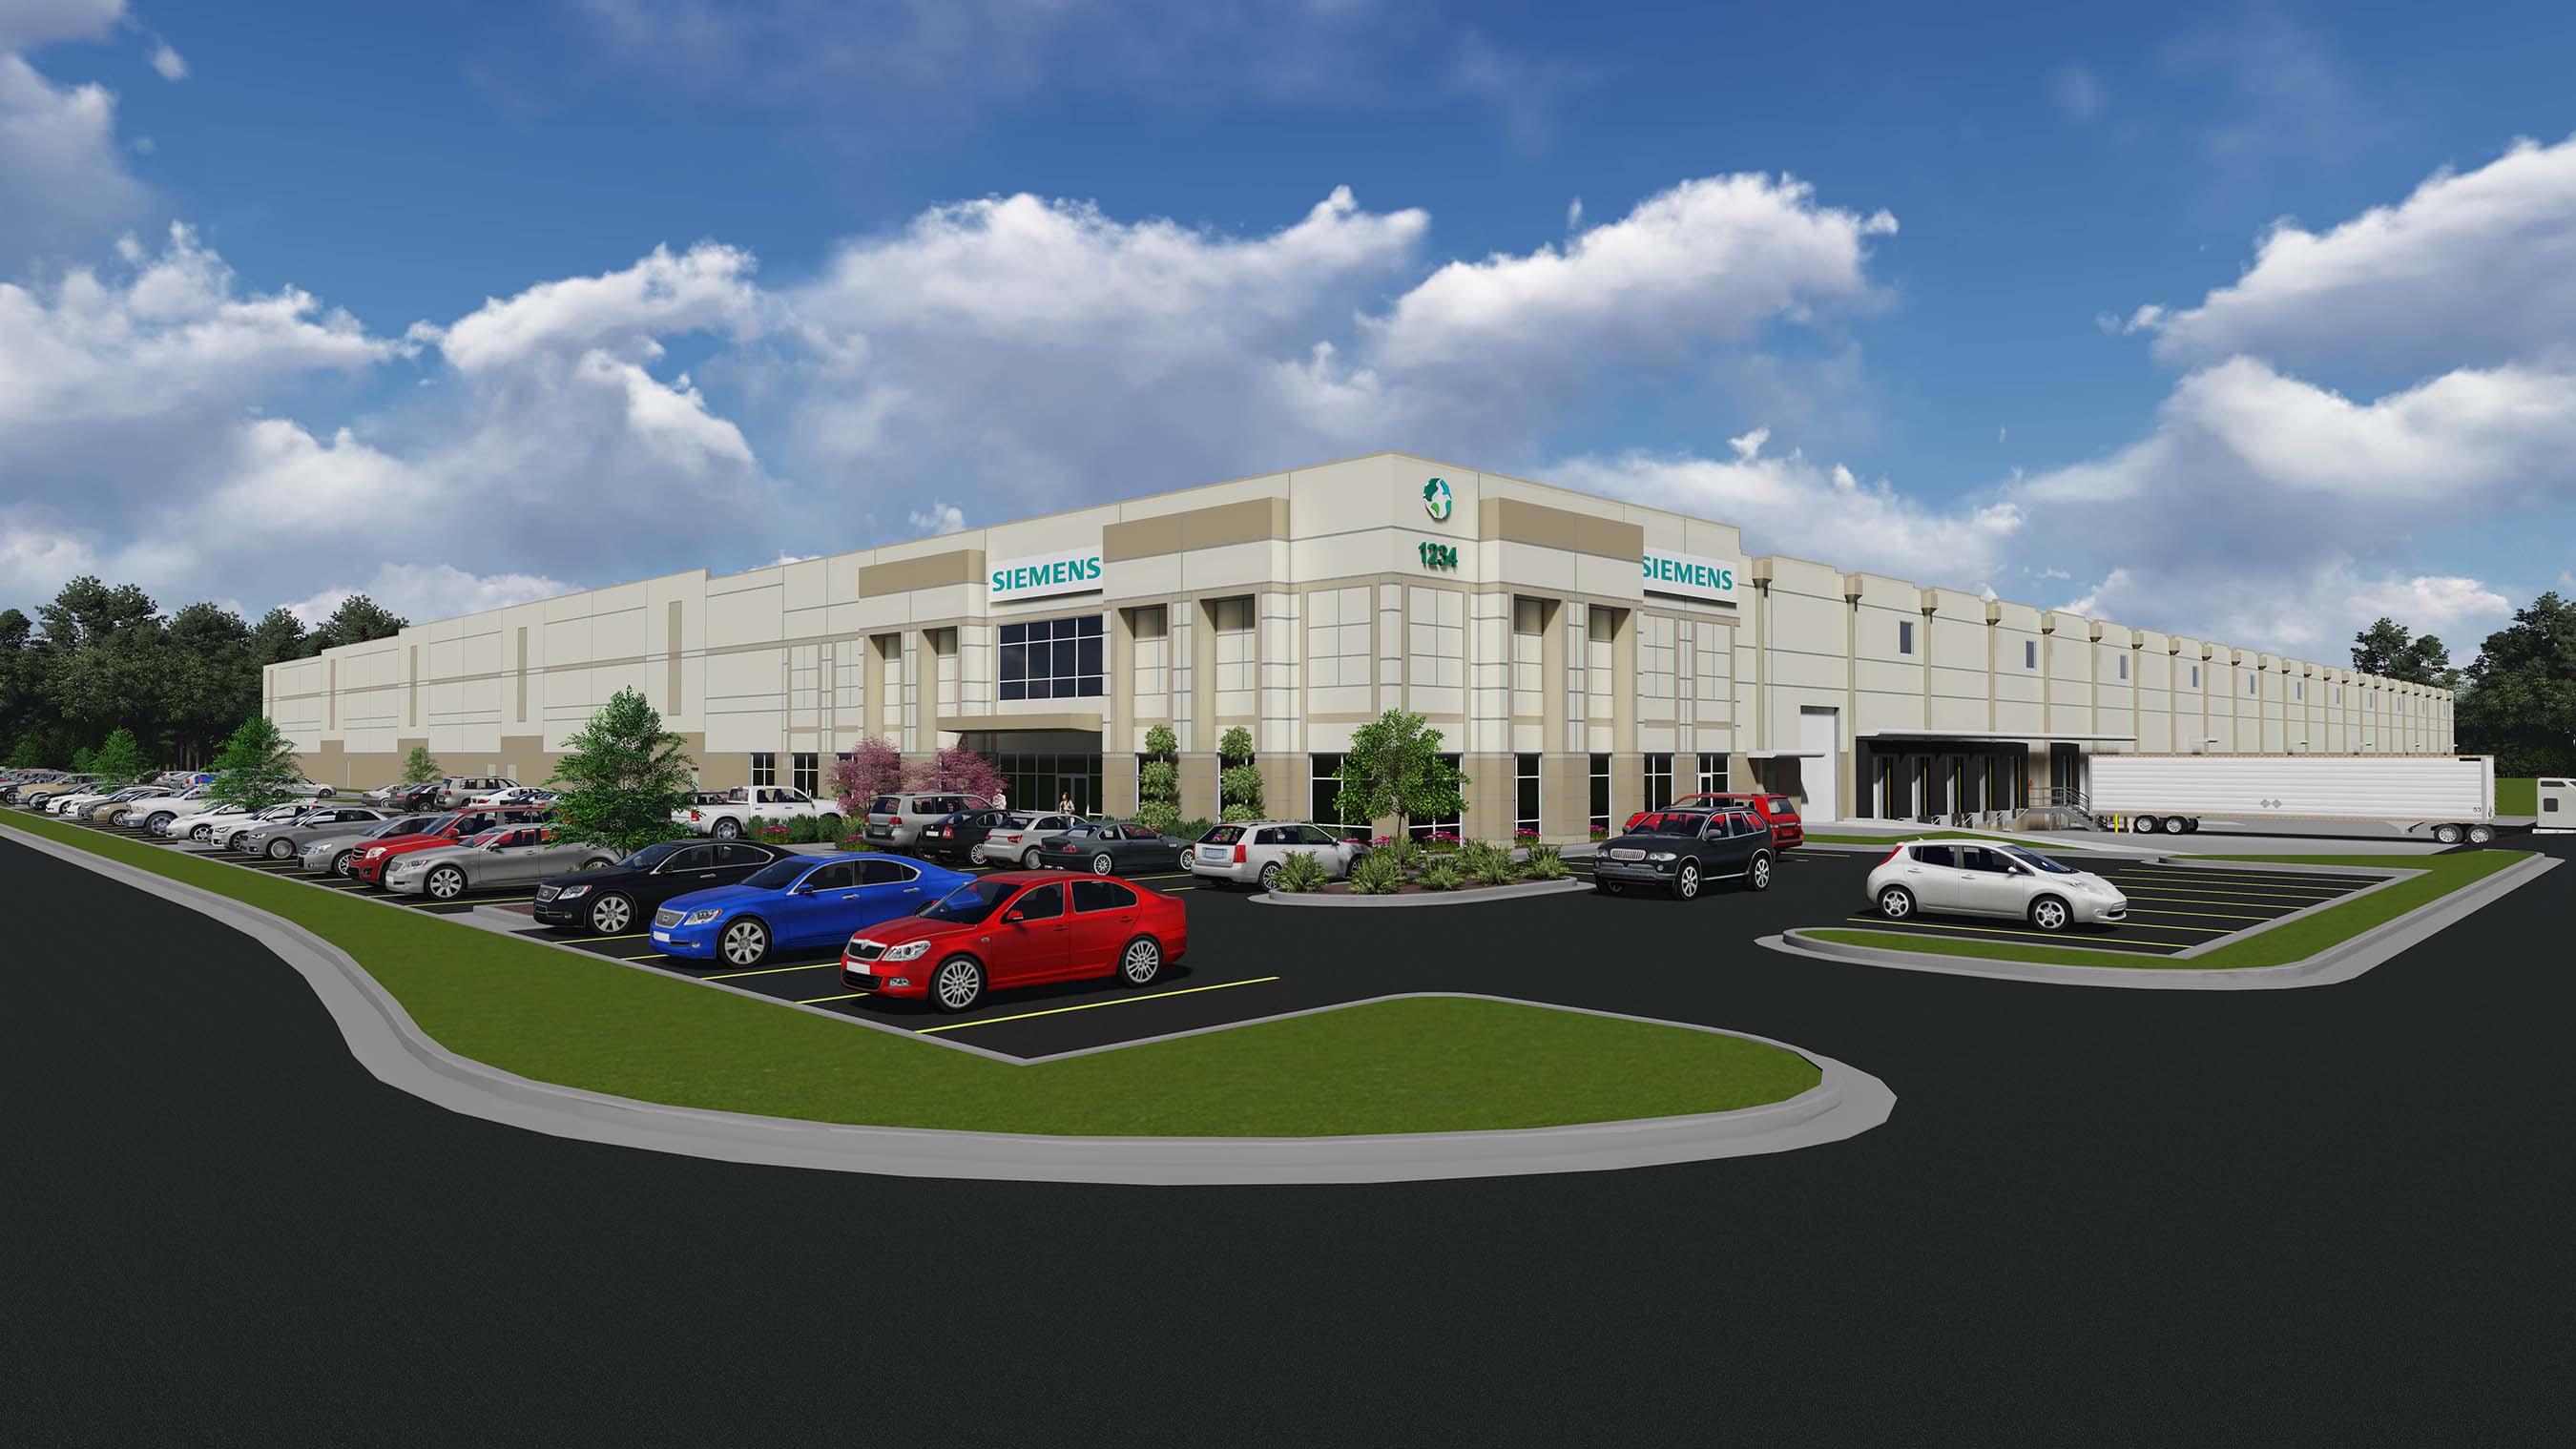 Siemens: Central Florida, FL